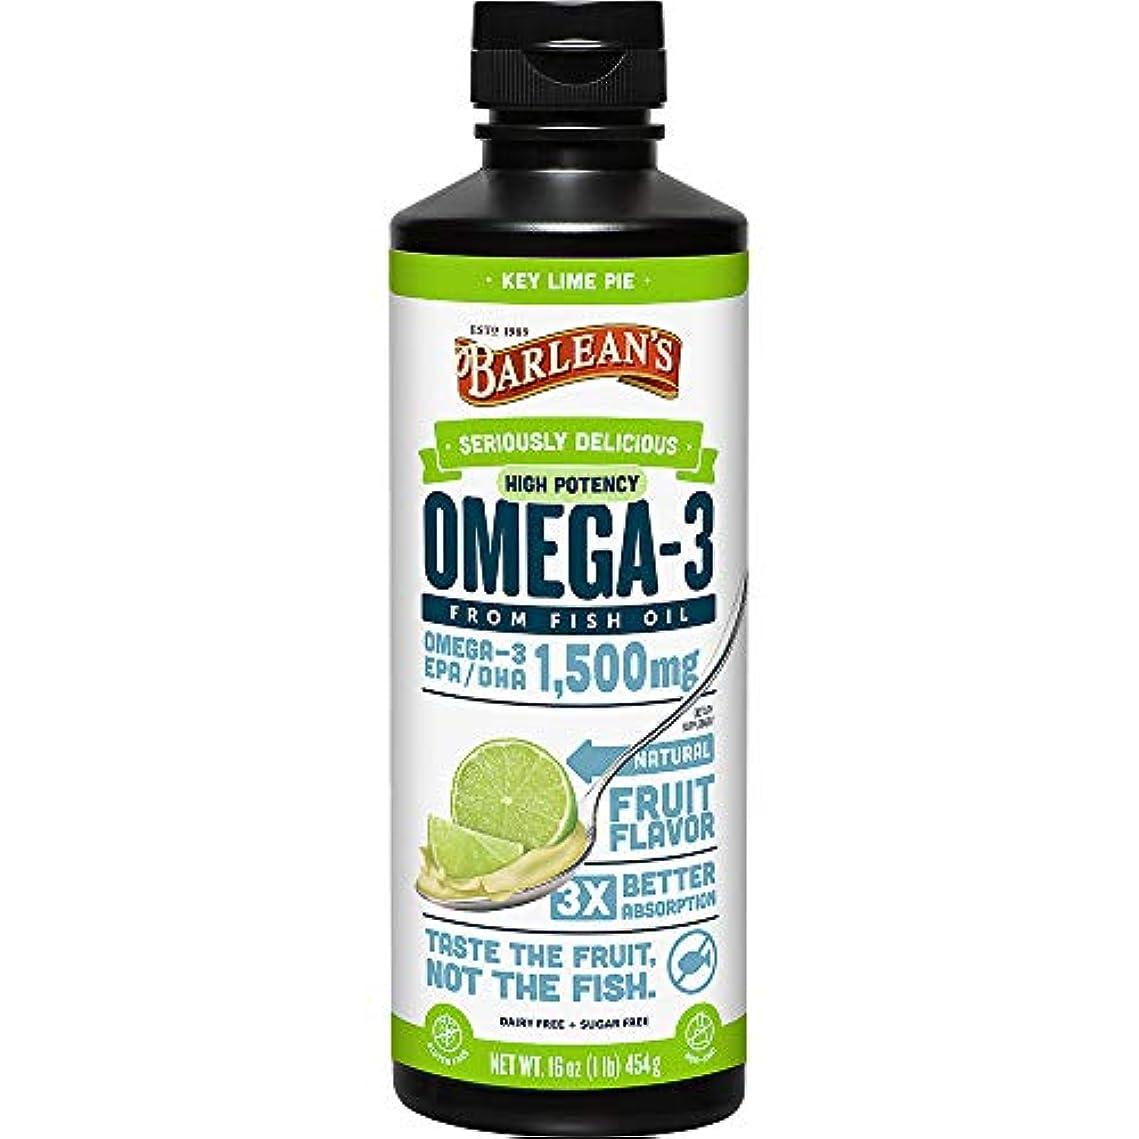 アシュリータファーマン器用日曜日Barlean's - Omegaの渦巻の魚オイルの超高い潜在的能力Key石灰 1500 mg。16ポンド